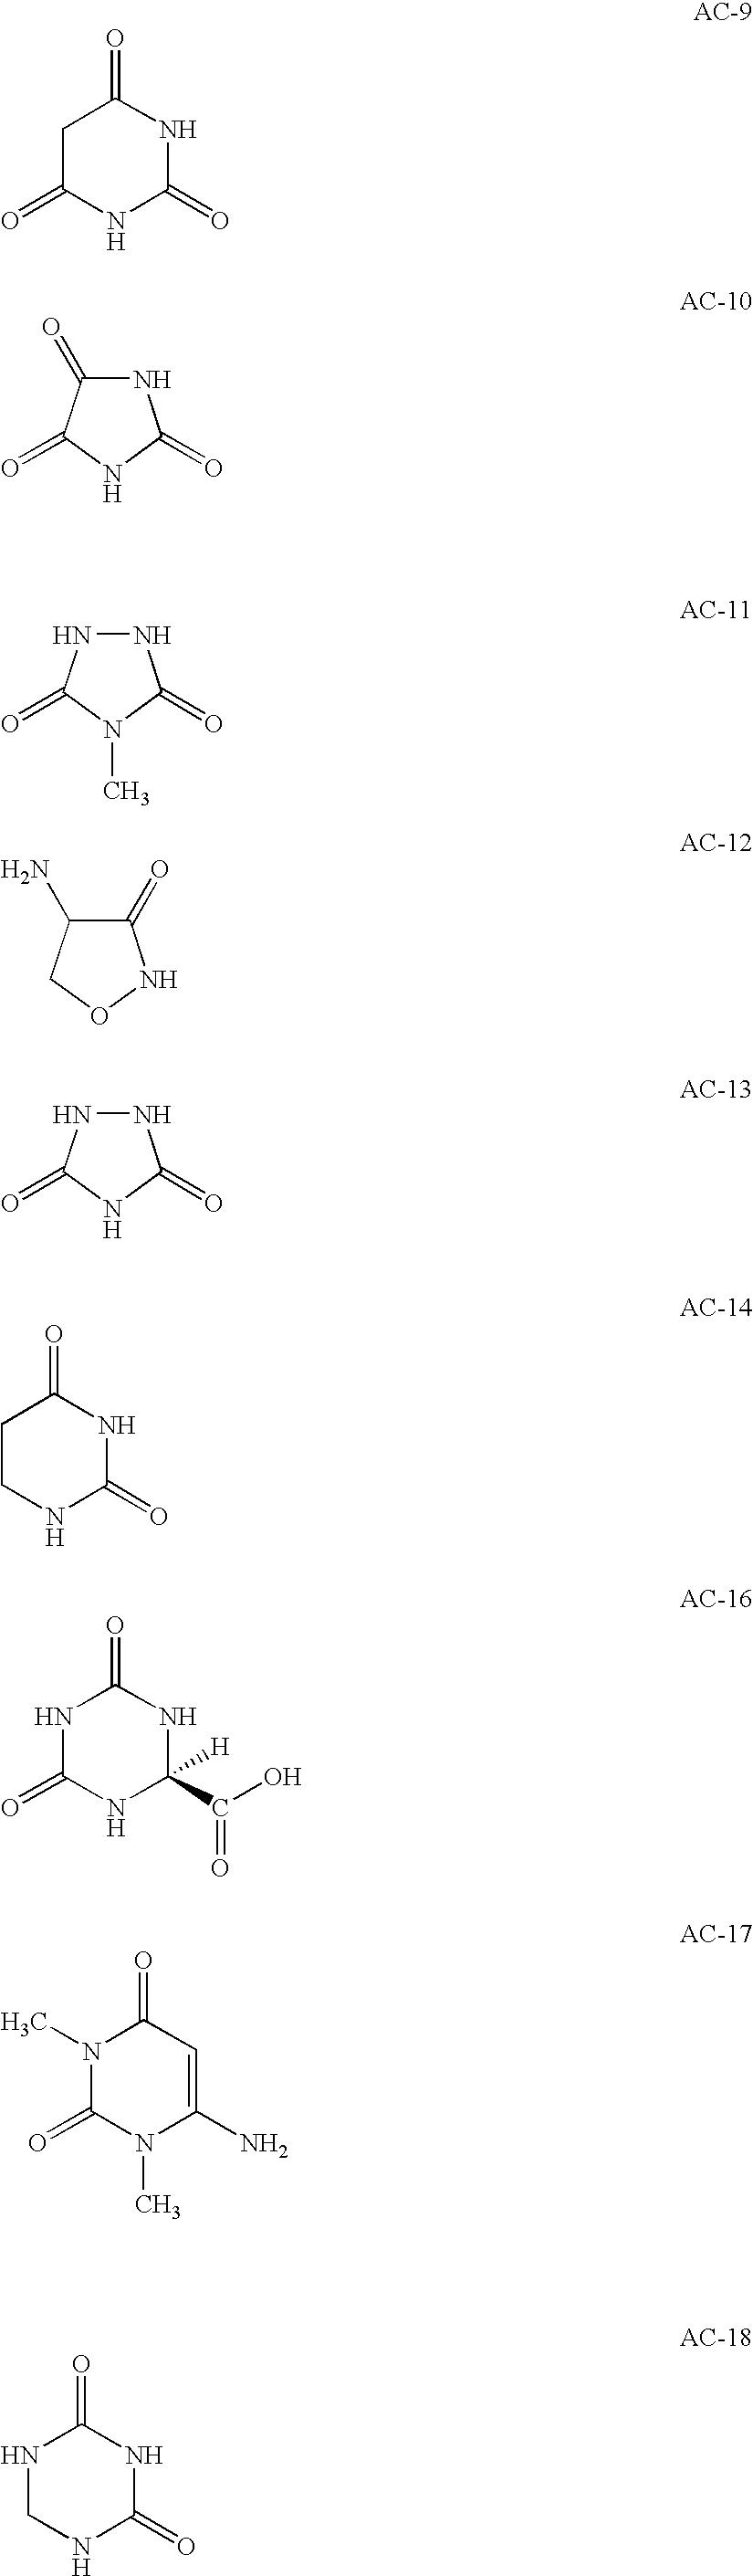 Figure US07393094-20080701-C00006